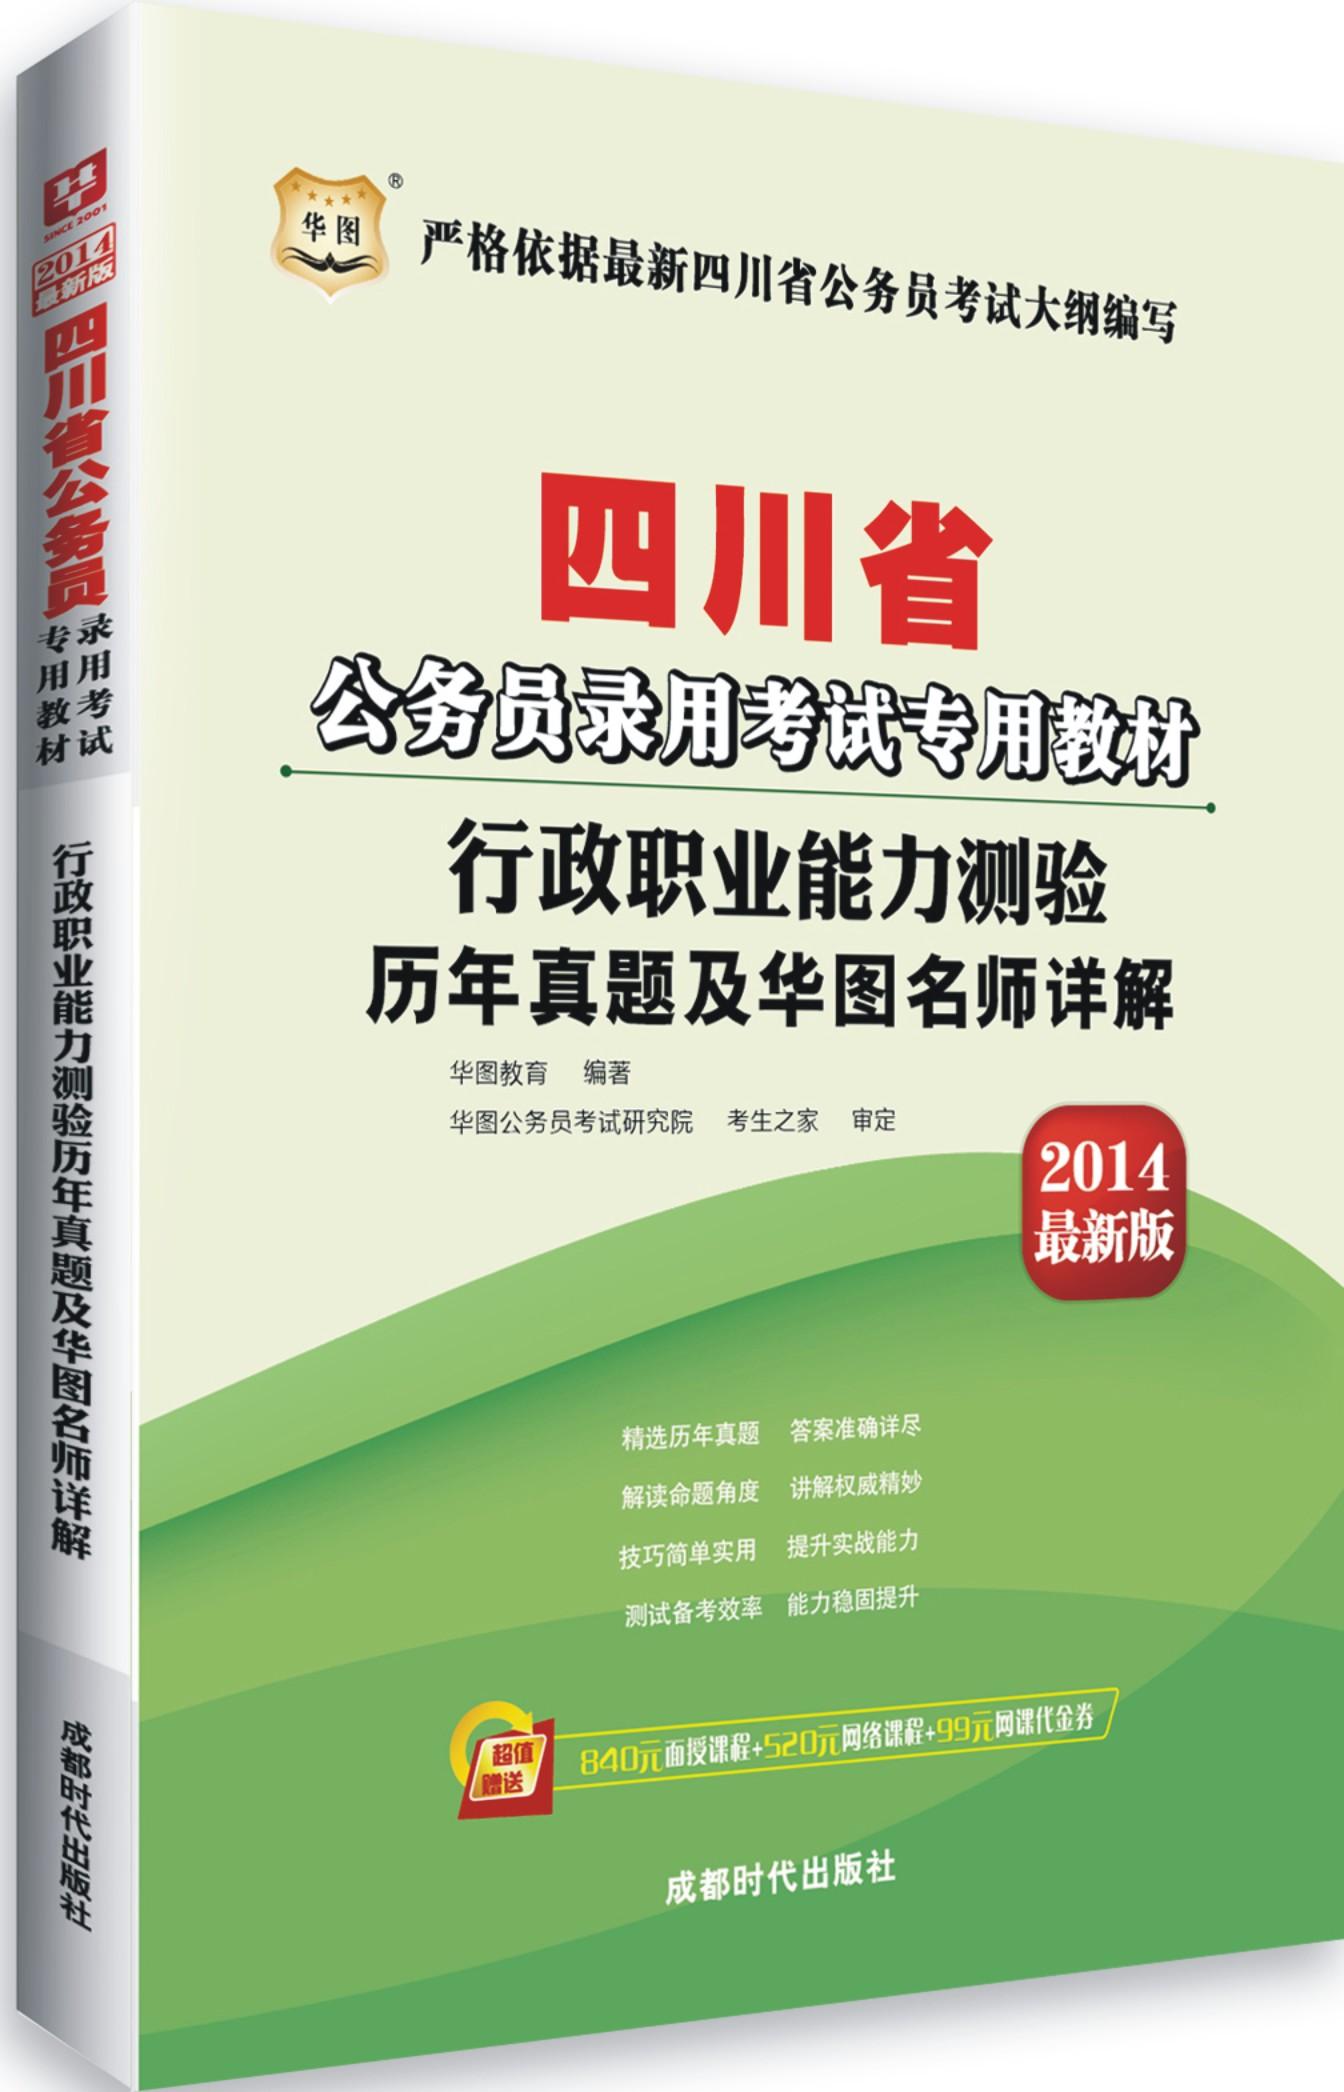 正版*2014年华图四川省公务员考试 行测历年真